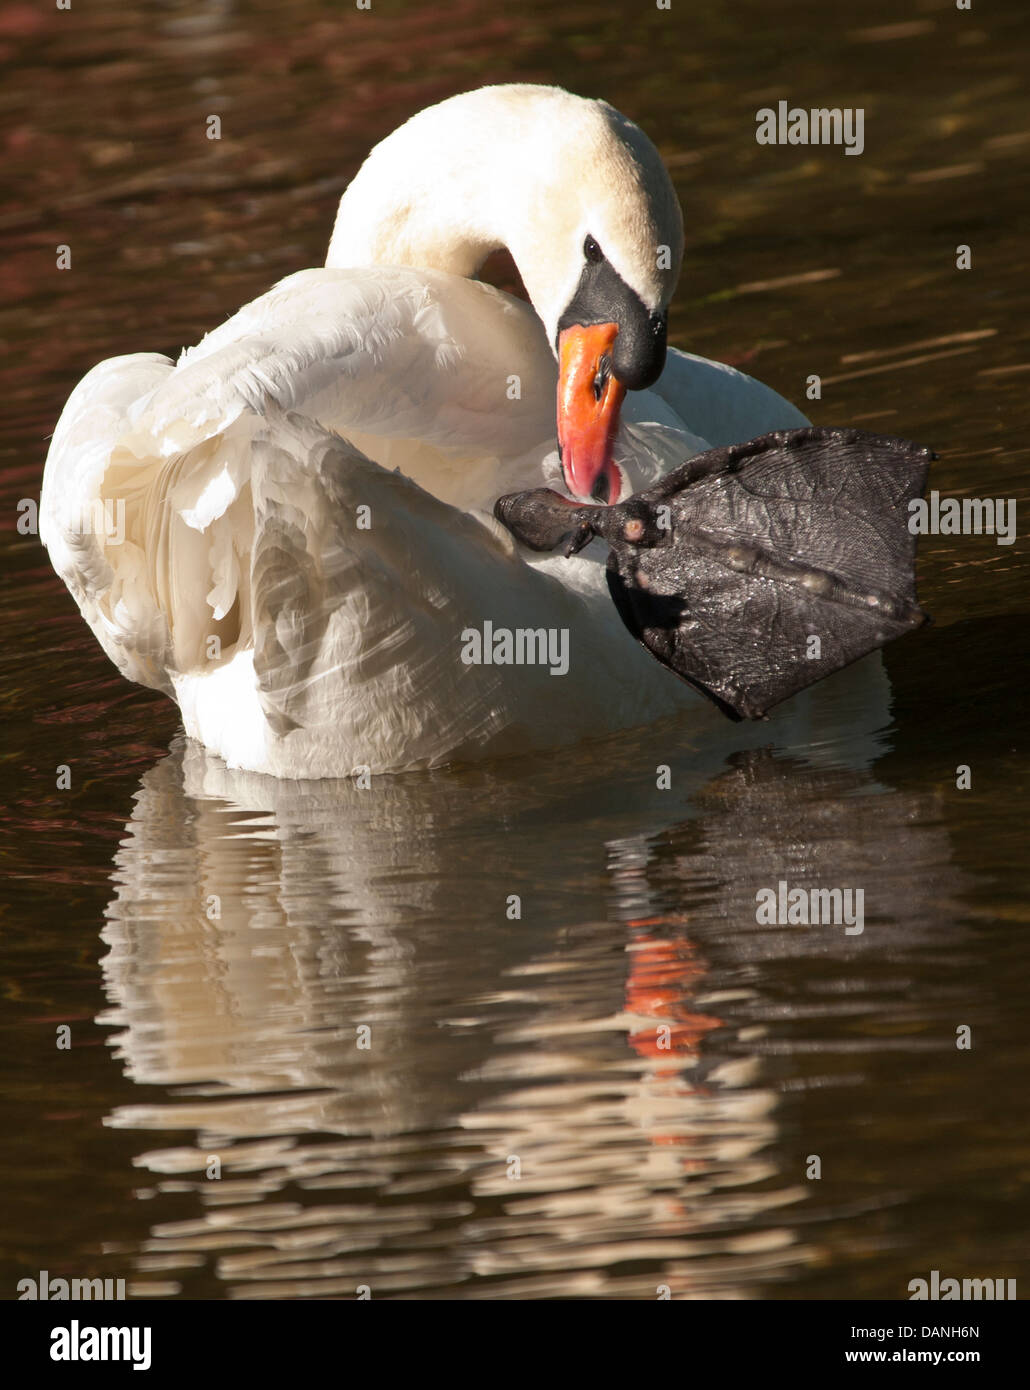 Höckerschwan hält große Schwimmfuß während grooming Federn in einem Teich. Boise, Idaho Stockbild